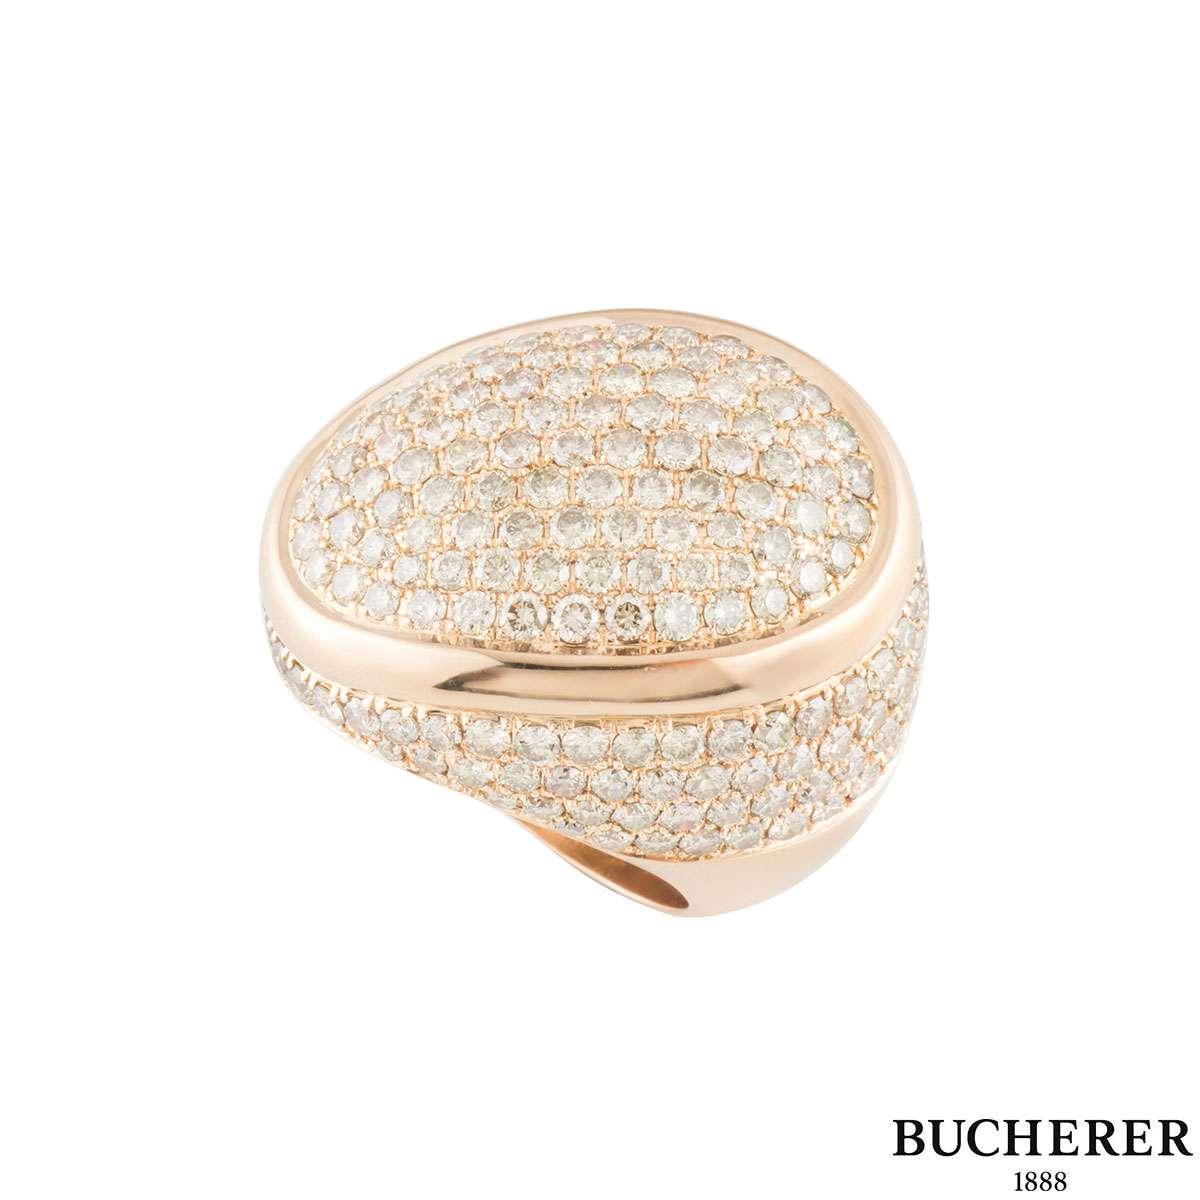 Bucherer Rose Gold Diamond Dress Ring